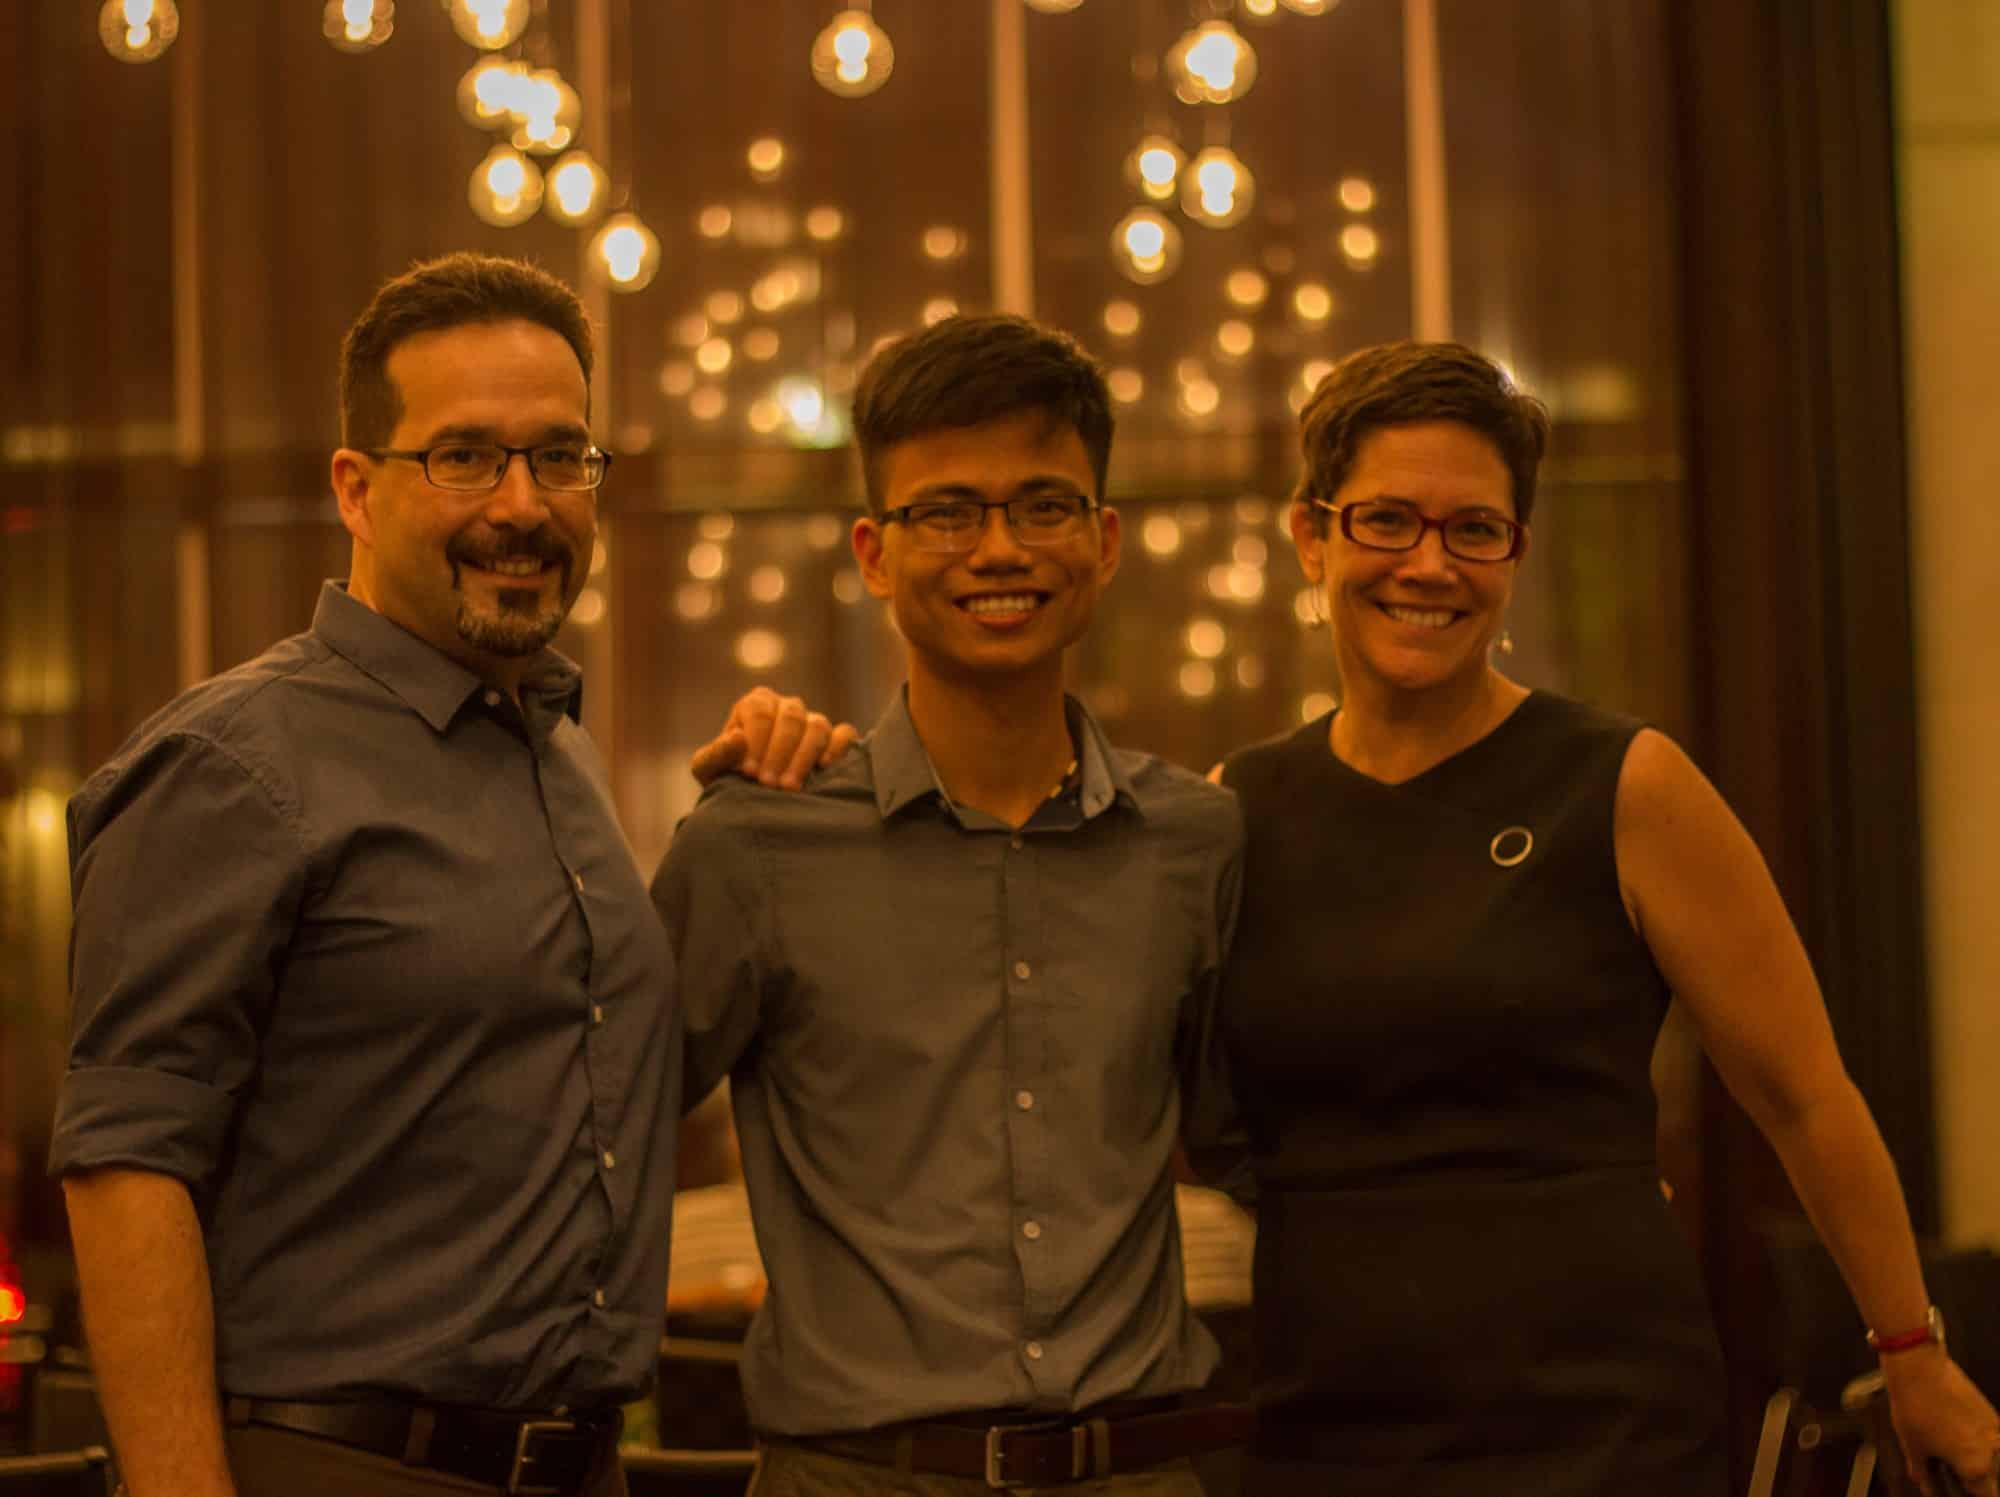 Bỏ học đi bán mắm cá, ở nhà tự học tiếng Anh, chàng trai Quảng Trị nhận học bổng du học Úc - Ảnh 4.